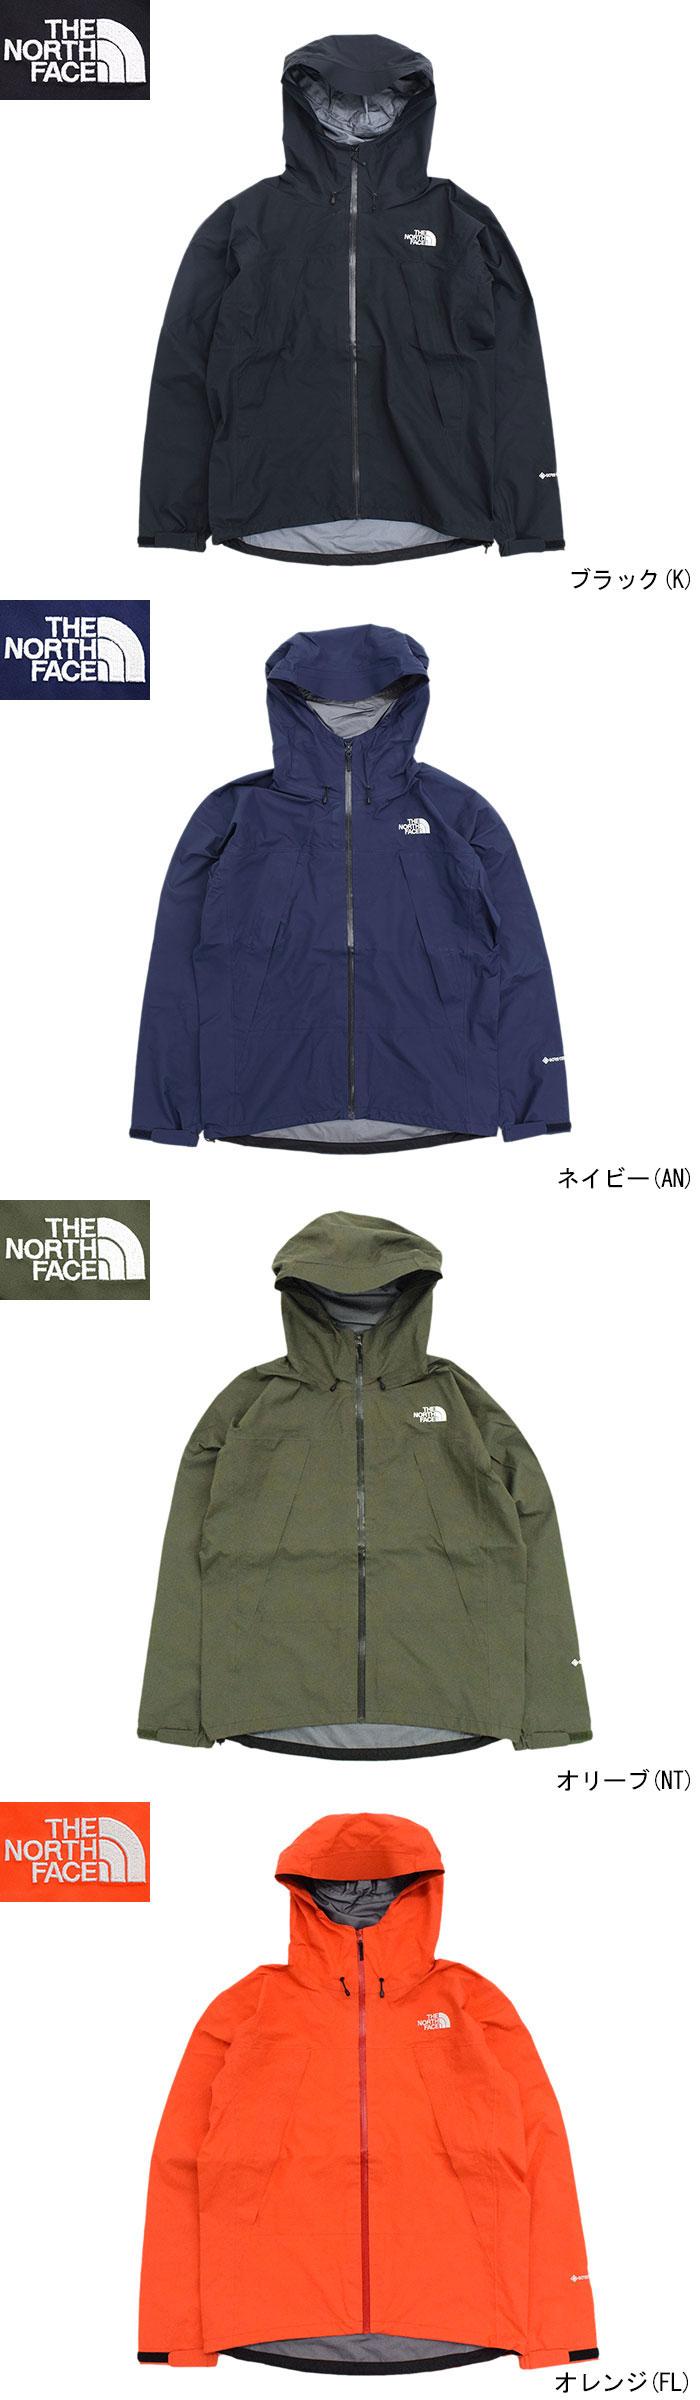 THE NORTH FACEザ ノースフェイスのジャケット Climb Light06